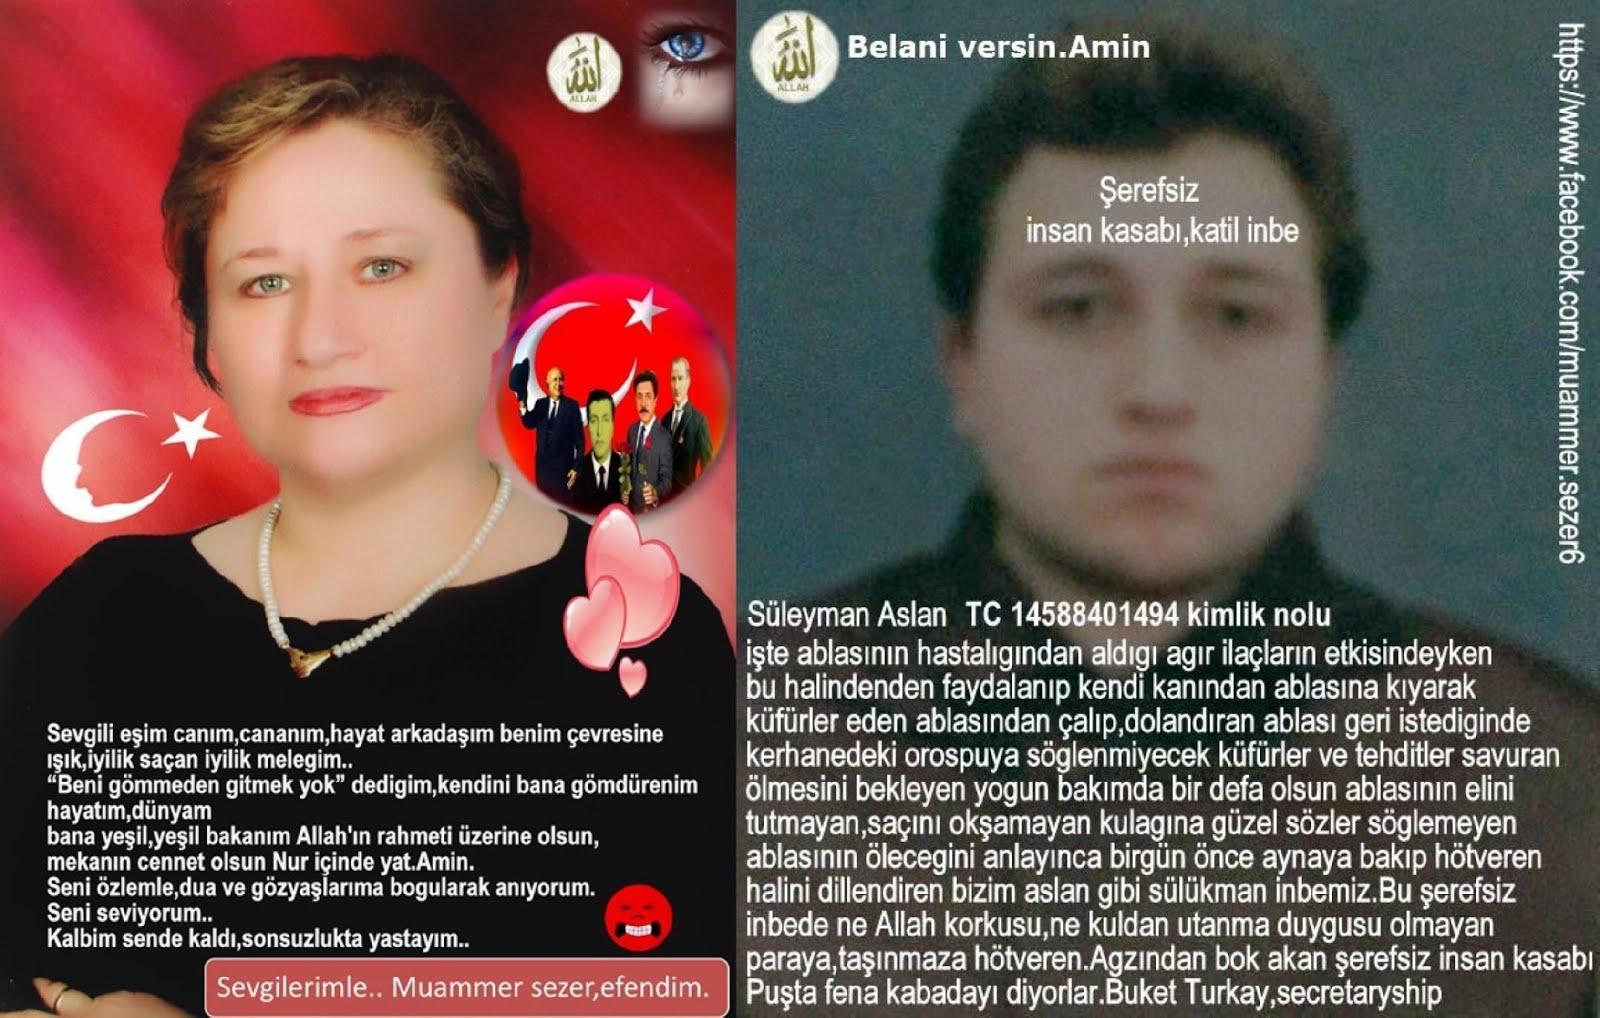 izmir'in aile destekli şeyi,teyze katili ile ortak yosması.Buket Turkay